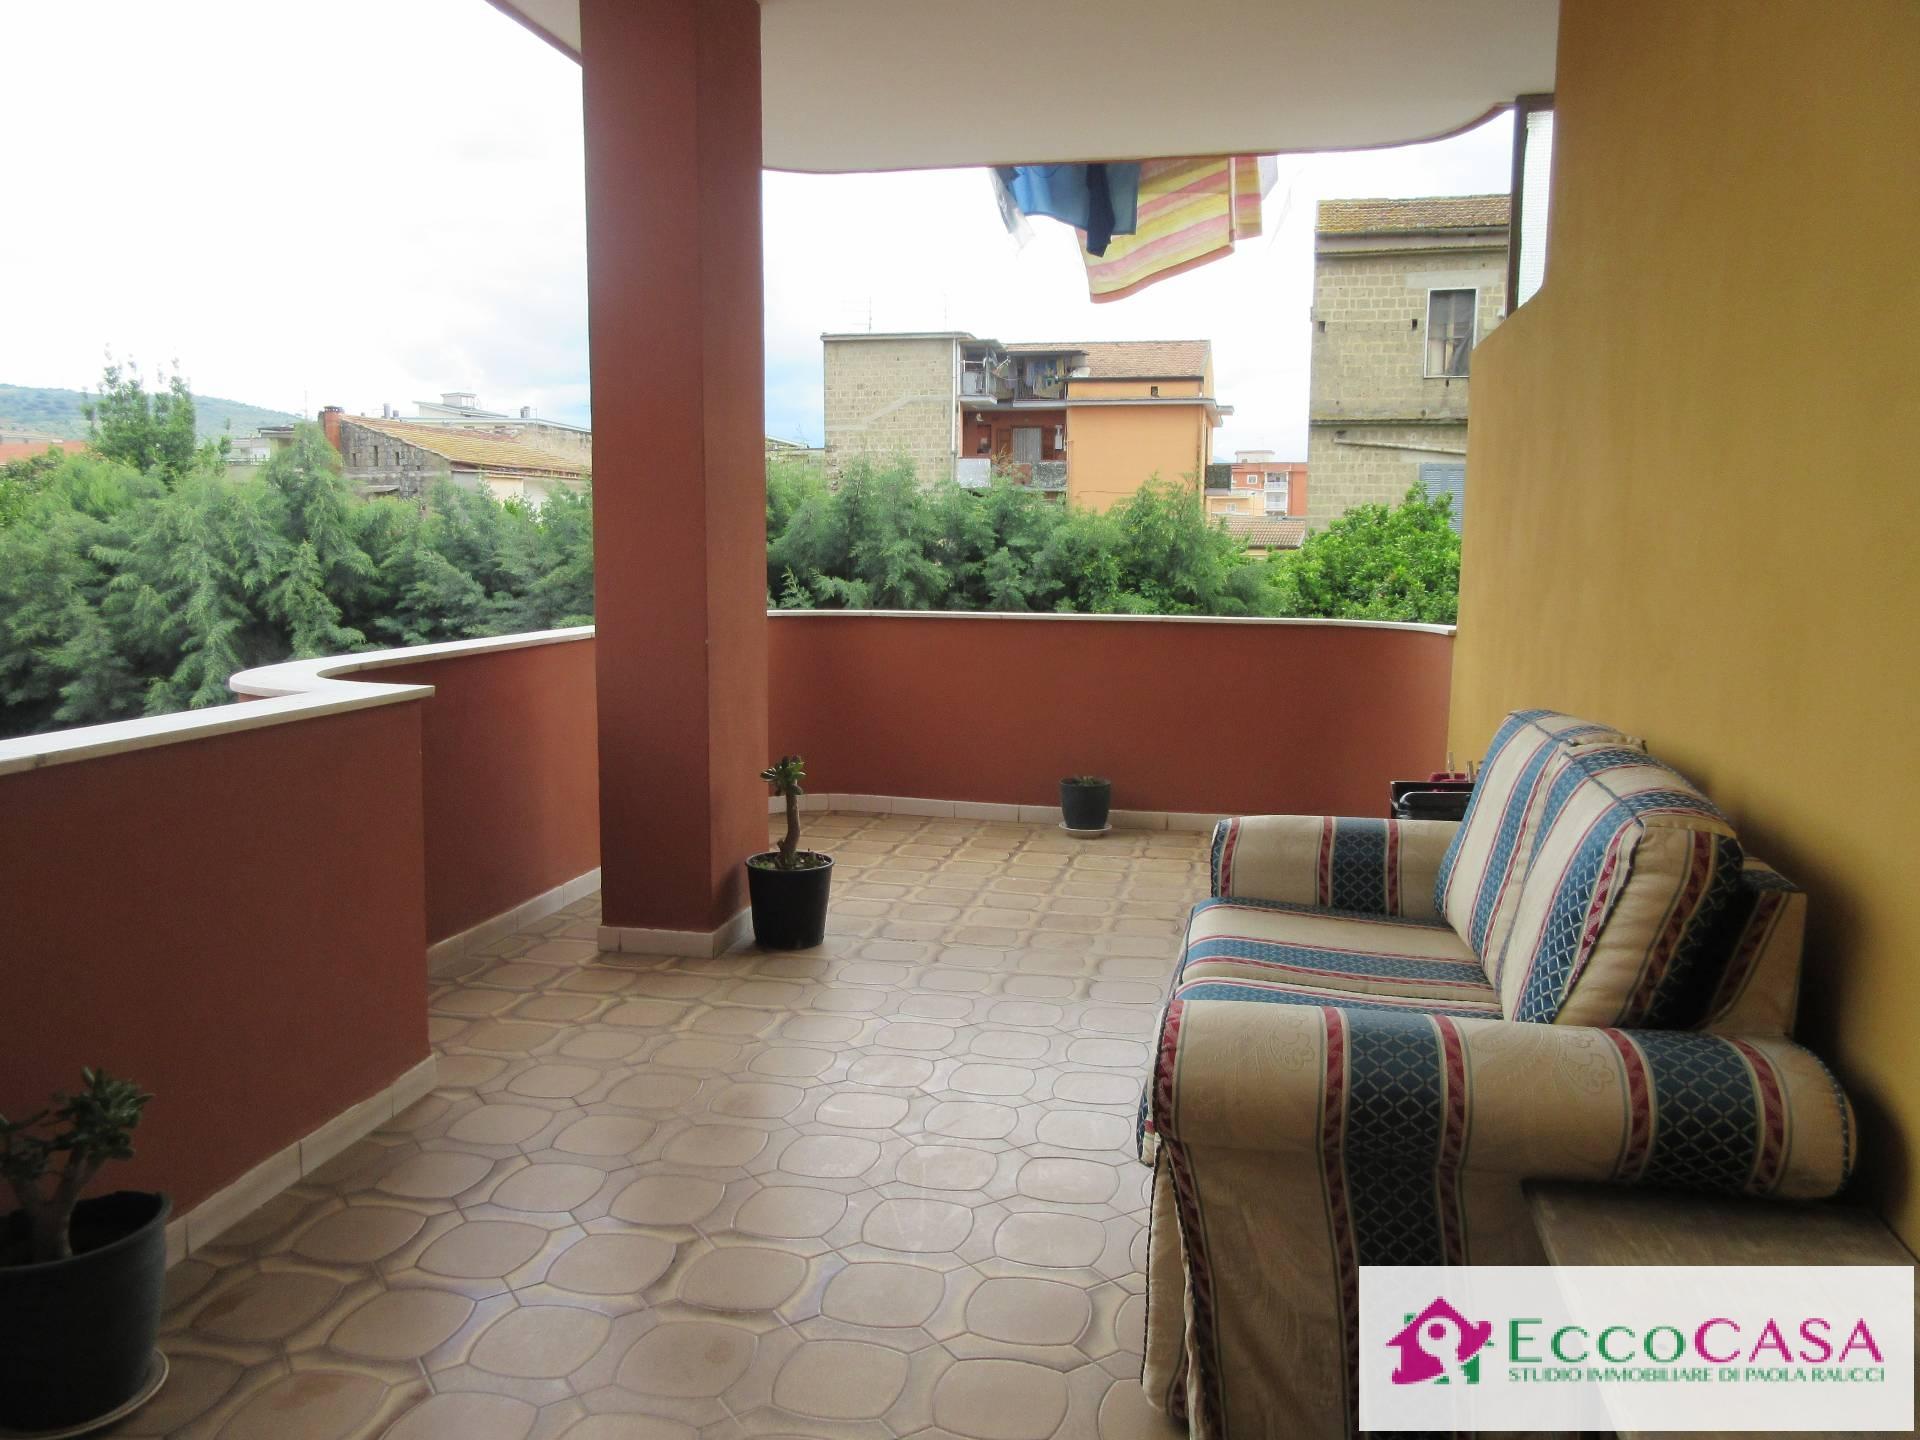 Appartamento in vendita a Maddaloni, 3 locali, prezzo € 125.000 | CambioCasa.it